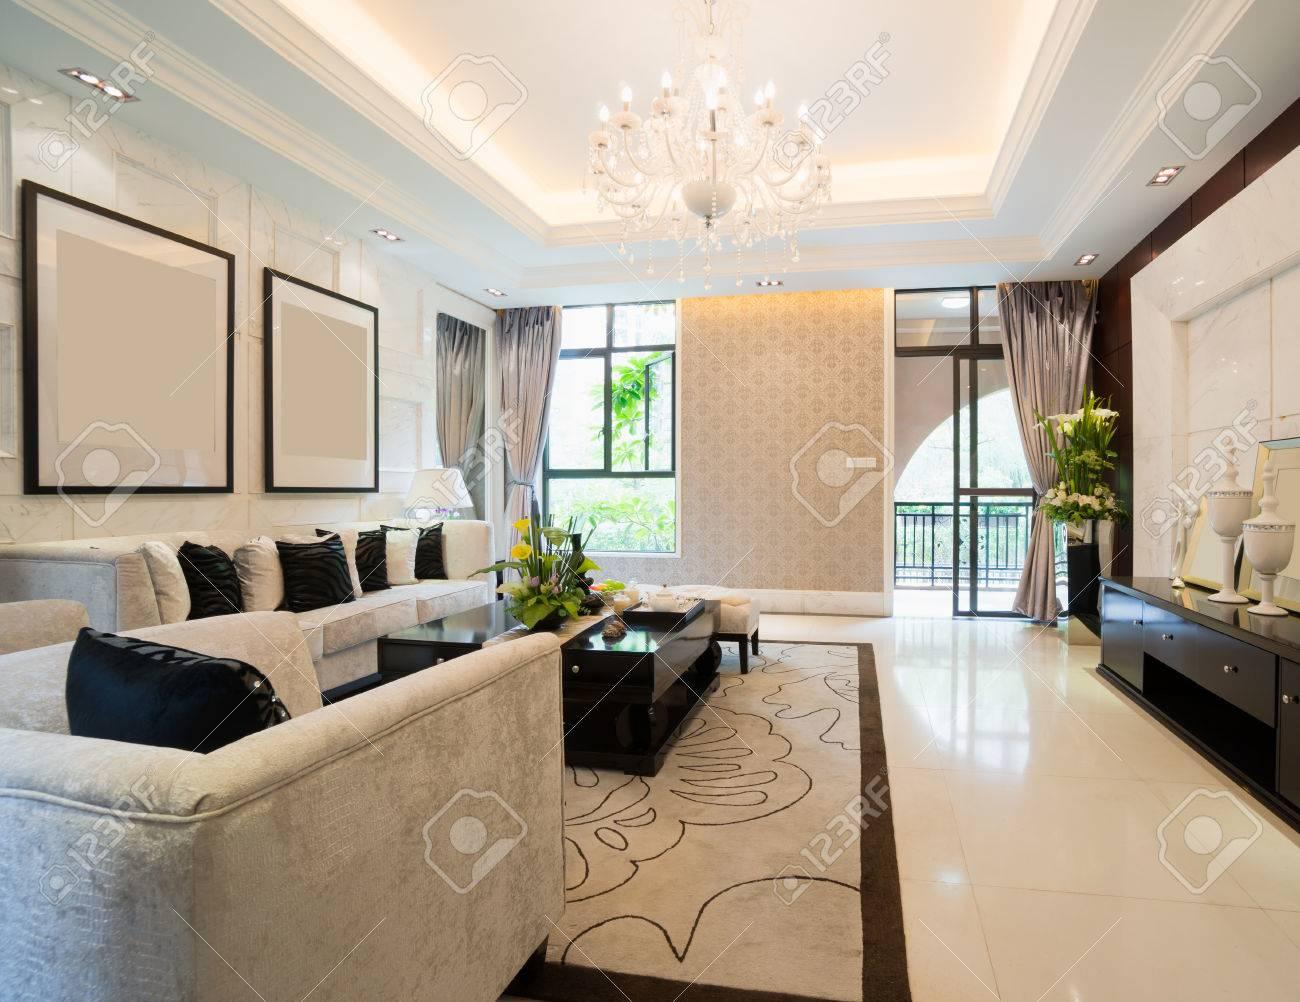 Luxus Wohnzimmer Mit Schönen Dekoration Standard Bild   24225933